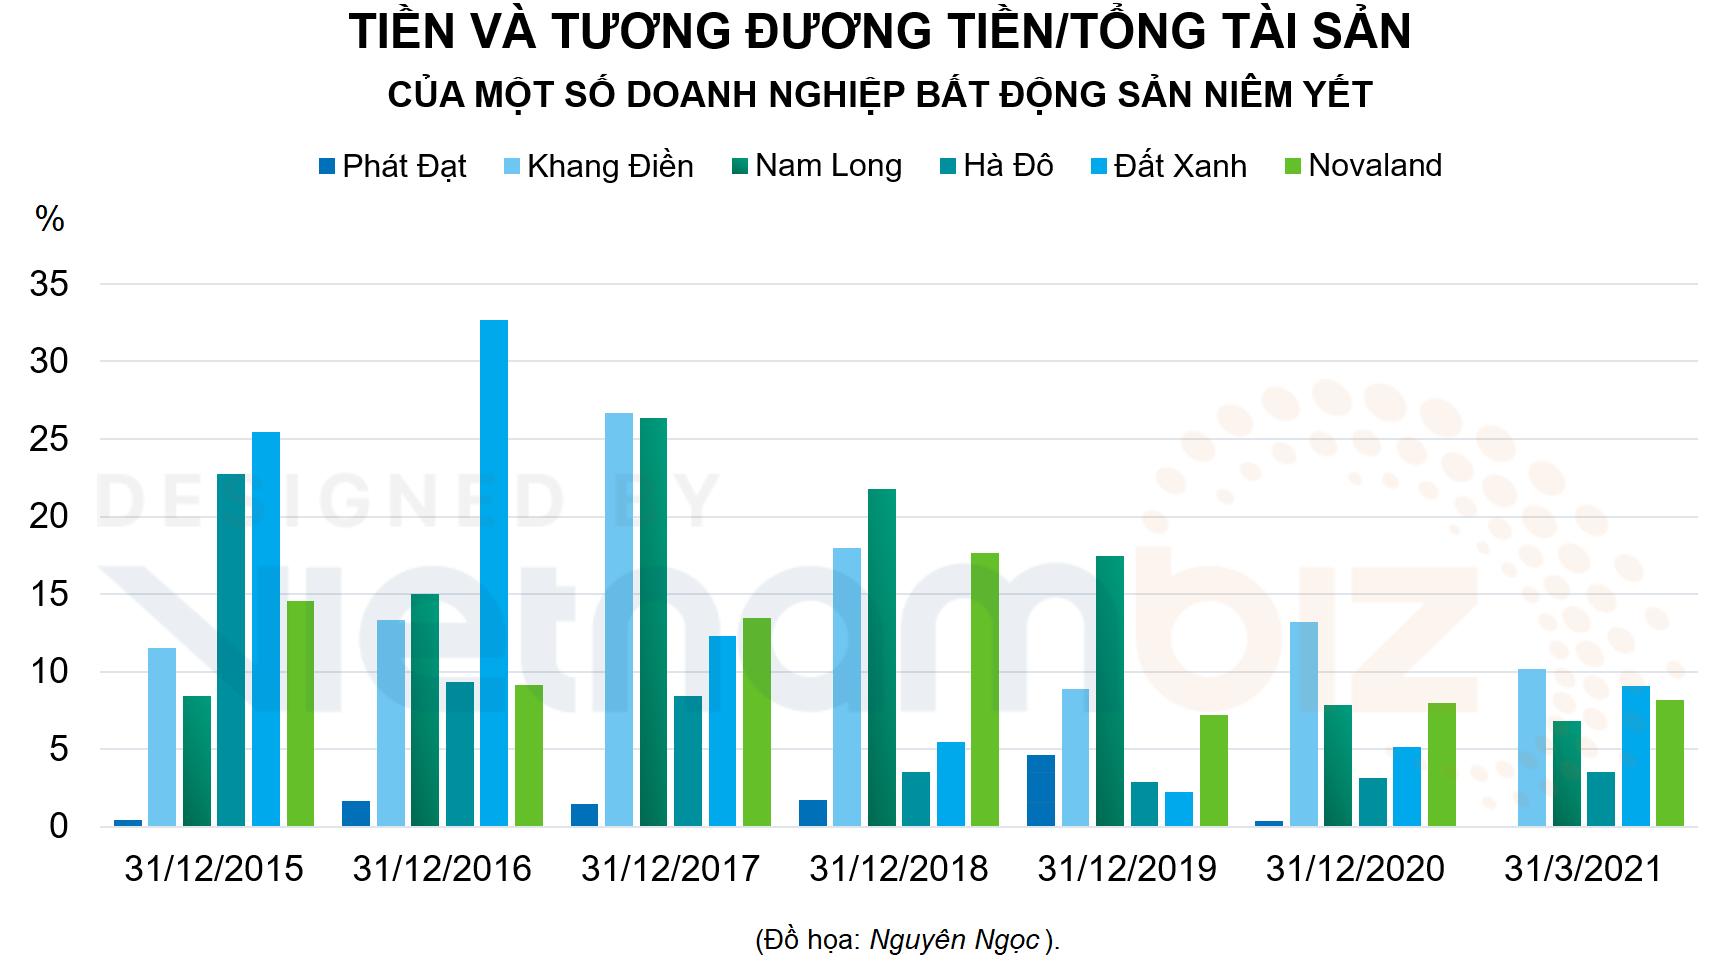 Tài sản ông Phan Văn Đạt vượt 1 tỷ USD, Phát Đạt có bao nhiêu tiền mặt? - Ảnh 3.